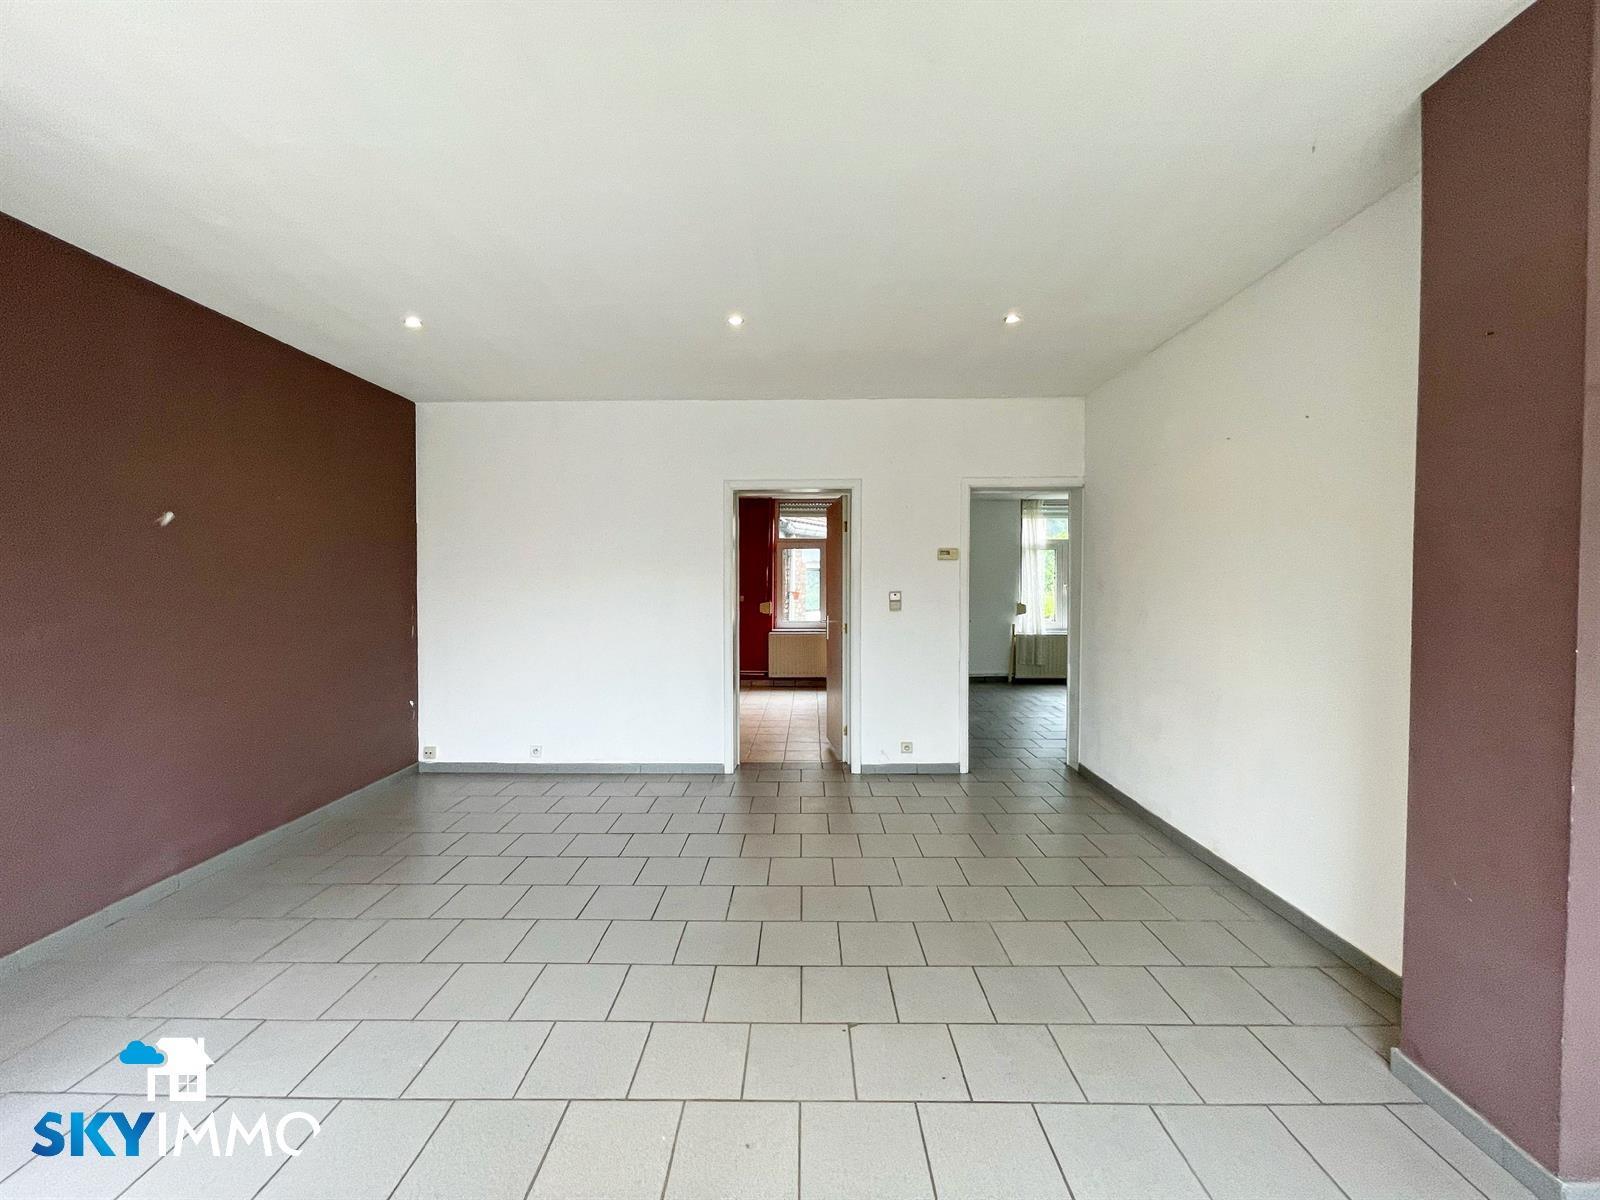 Maison - Seraing - #4399540-2